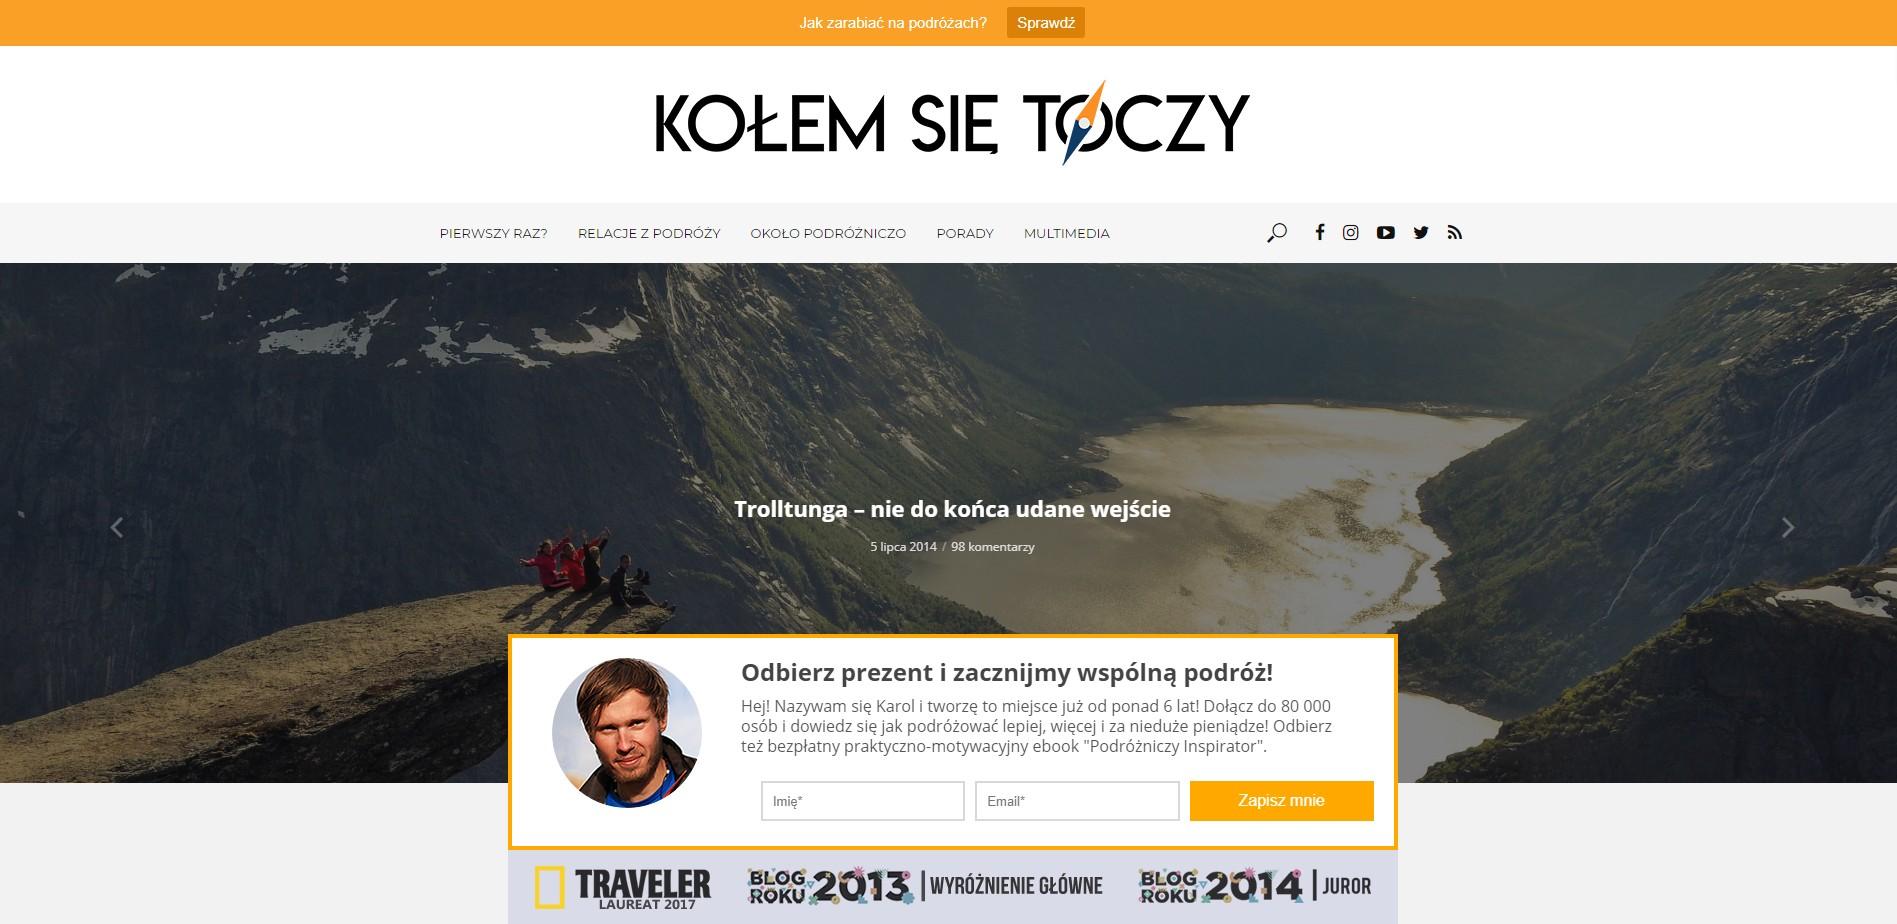 Blog podróżniczy kolemsietoczy.pl